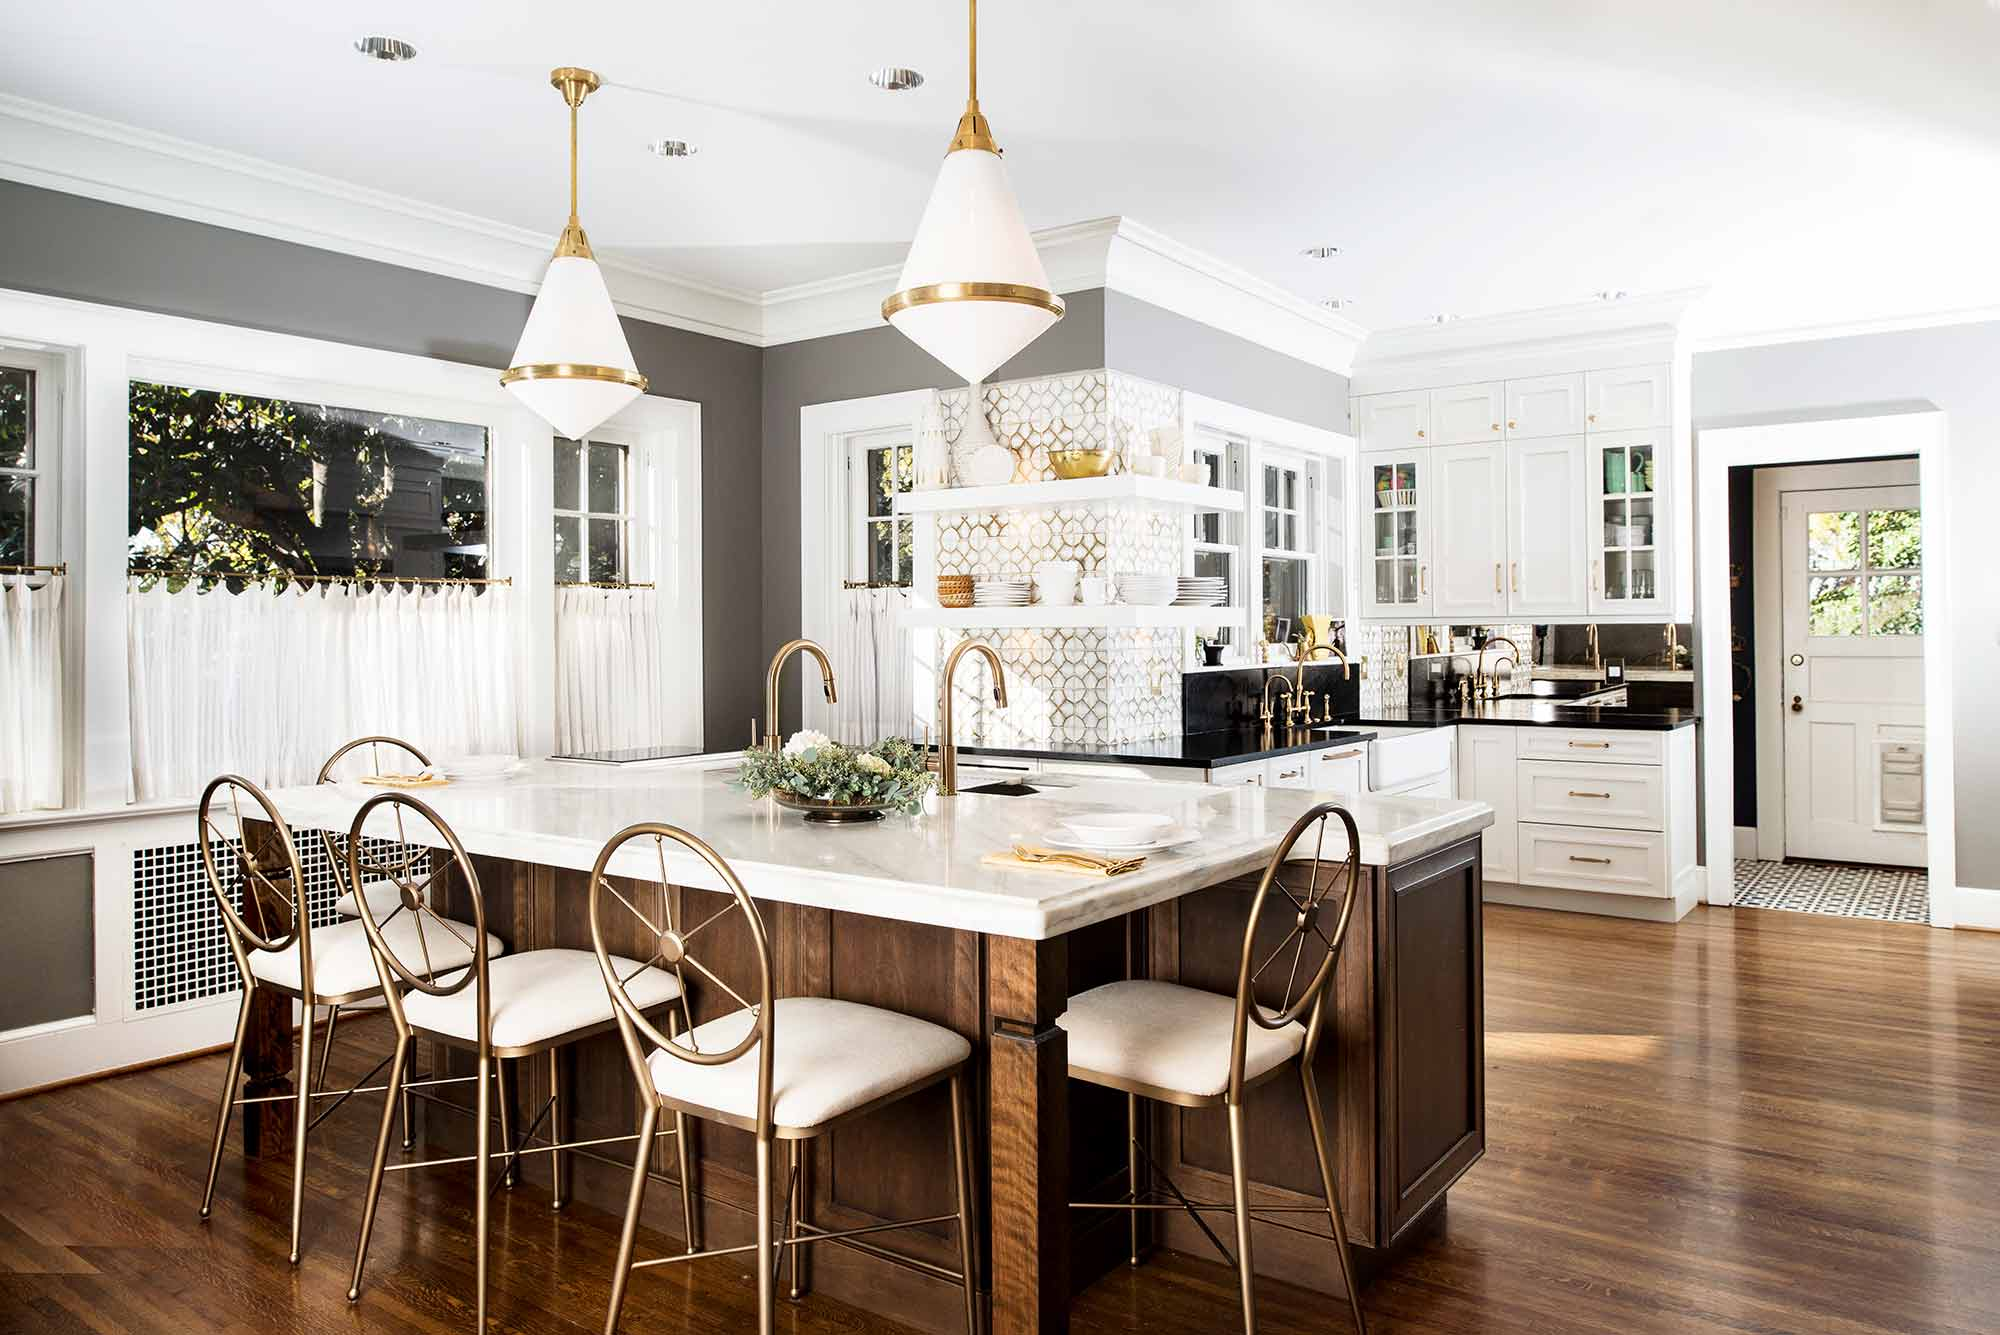 Historically Classy 2 beautiful kitchen